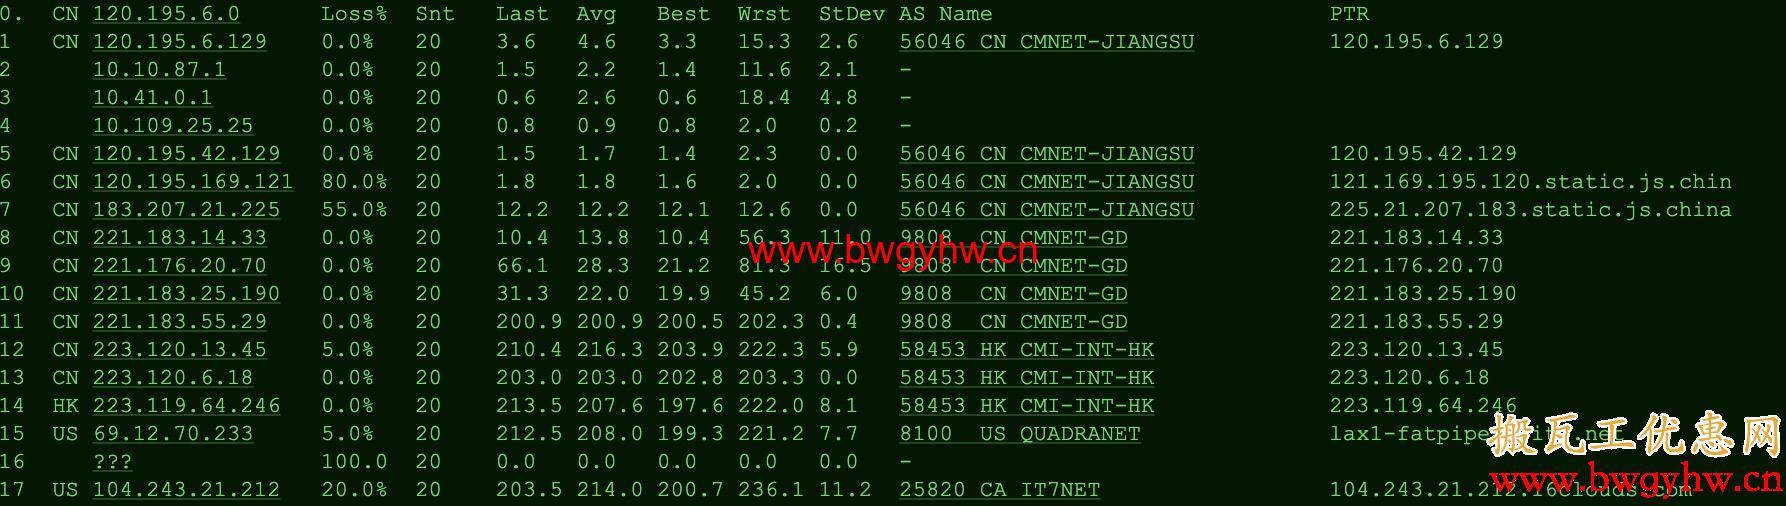 搬瓦工DC3 CN2 GT路由评测